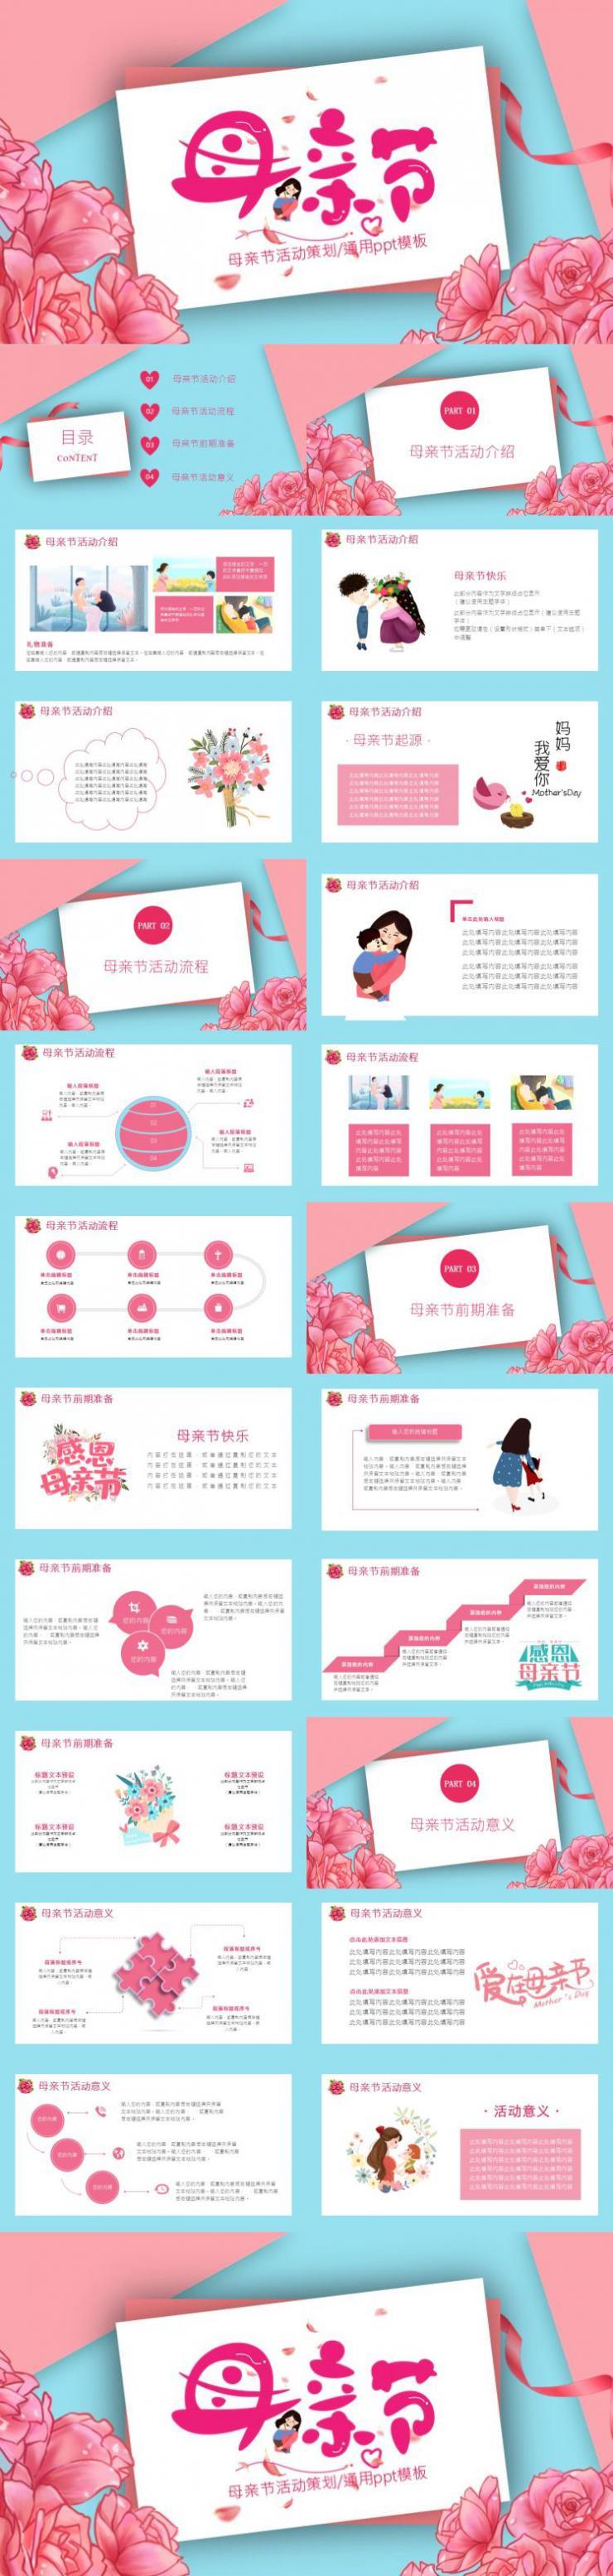 母亲节活动策划PPT模板下载